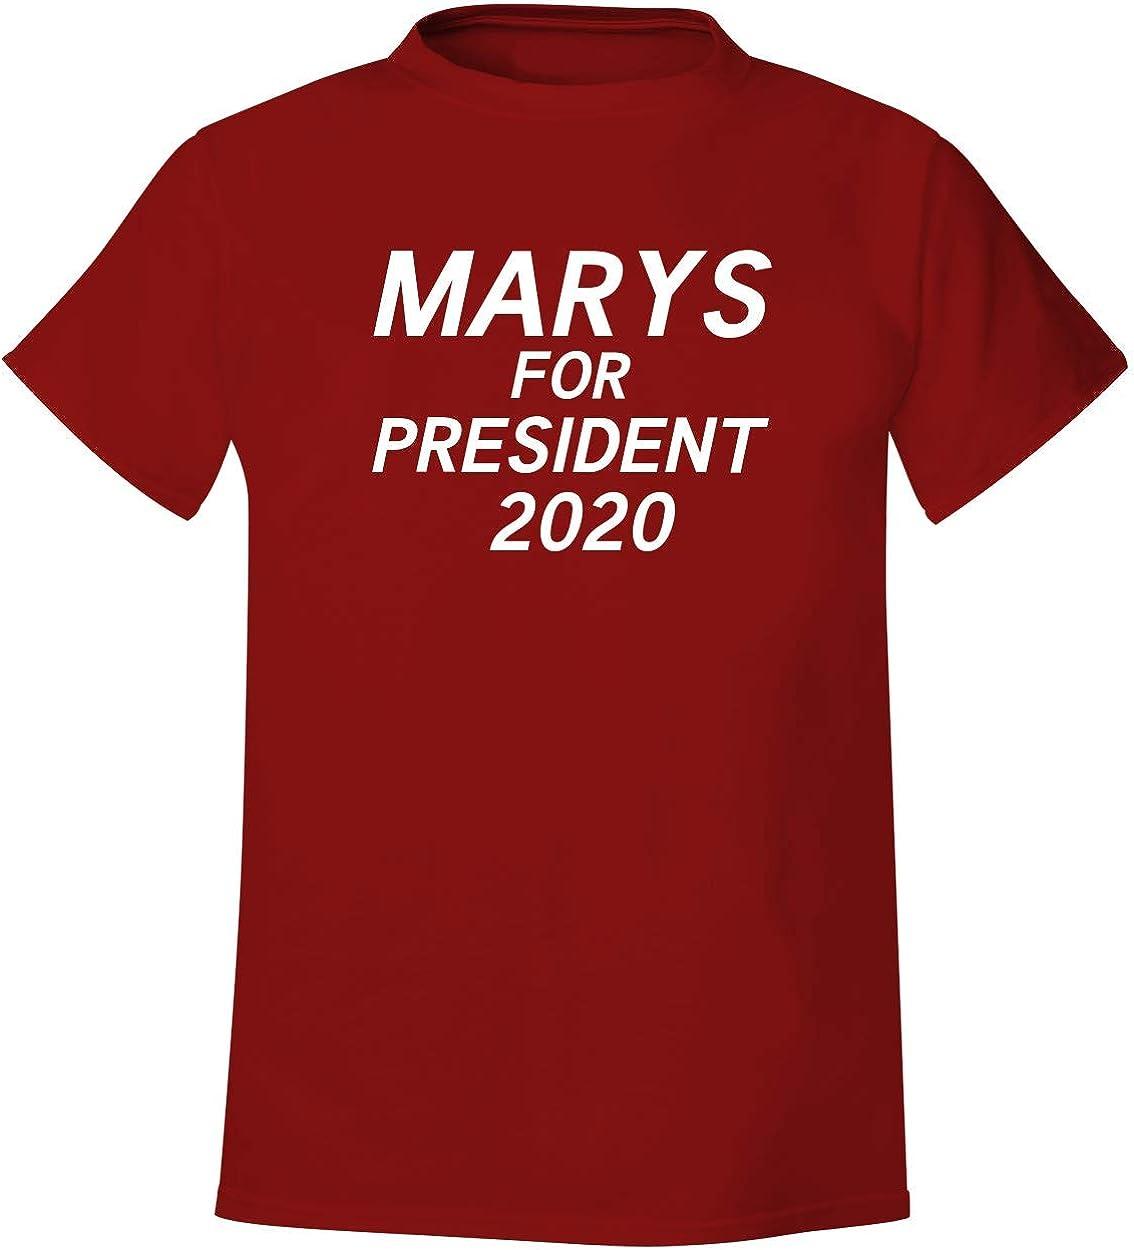 Marys For President 2020 - Men's Soft & Comfortable T-Shirt